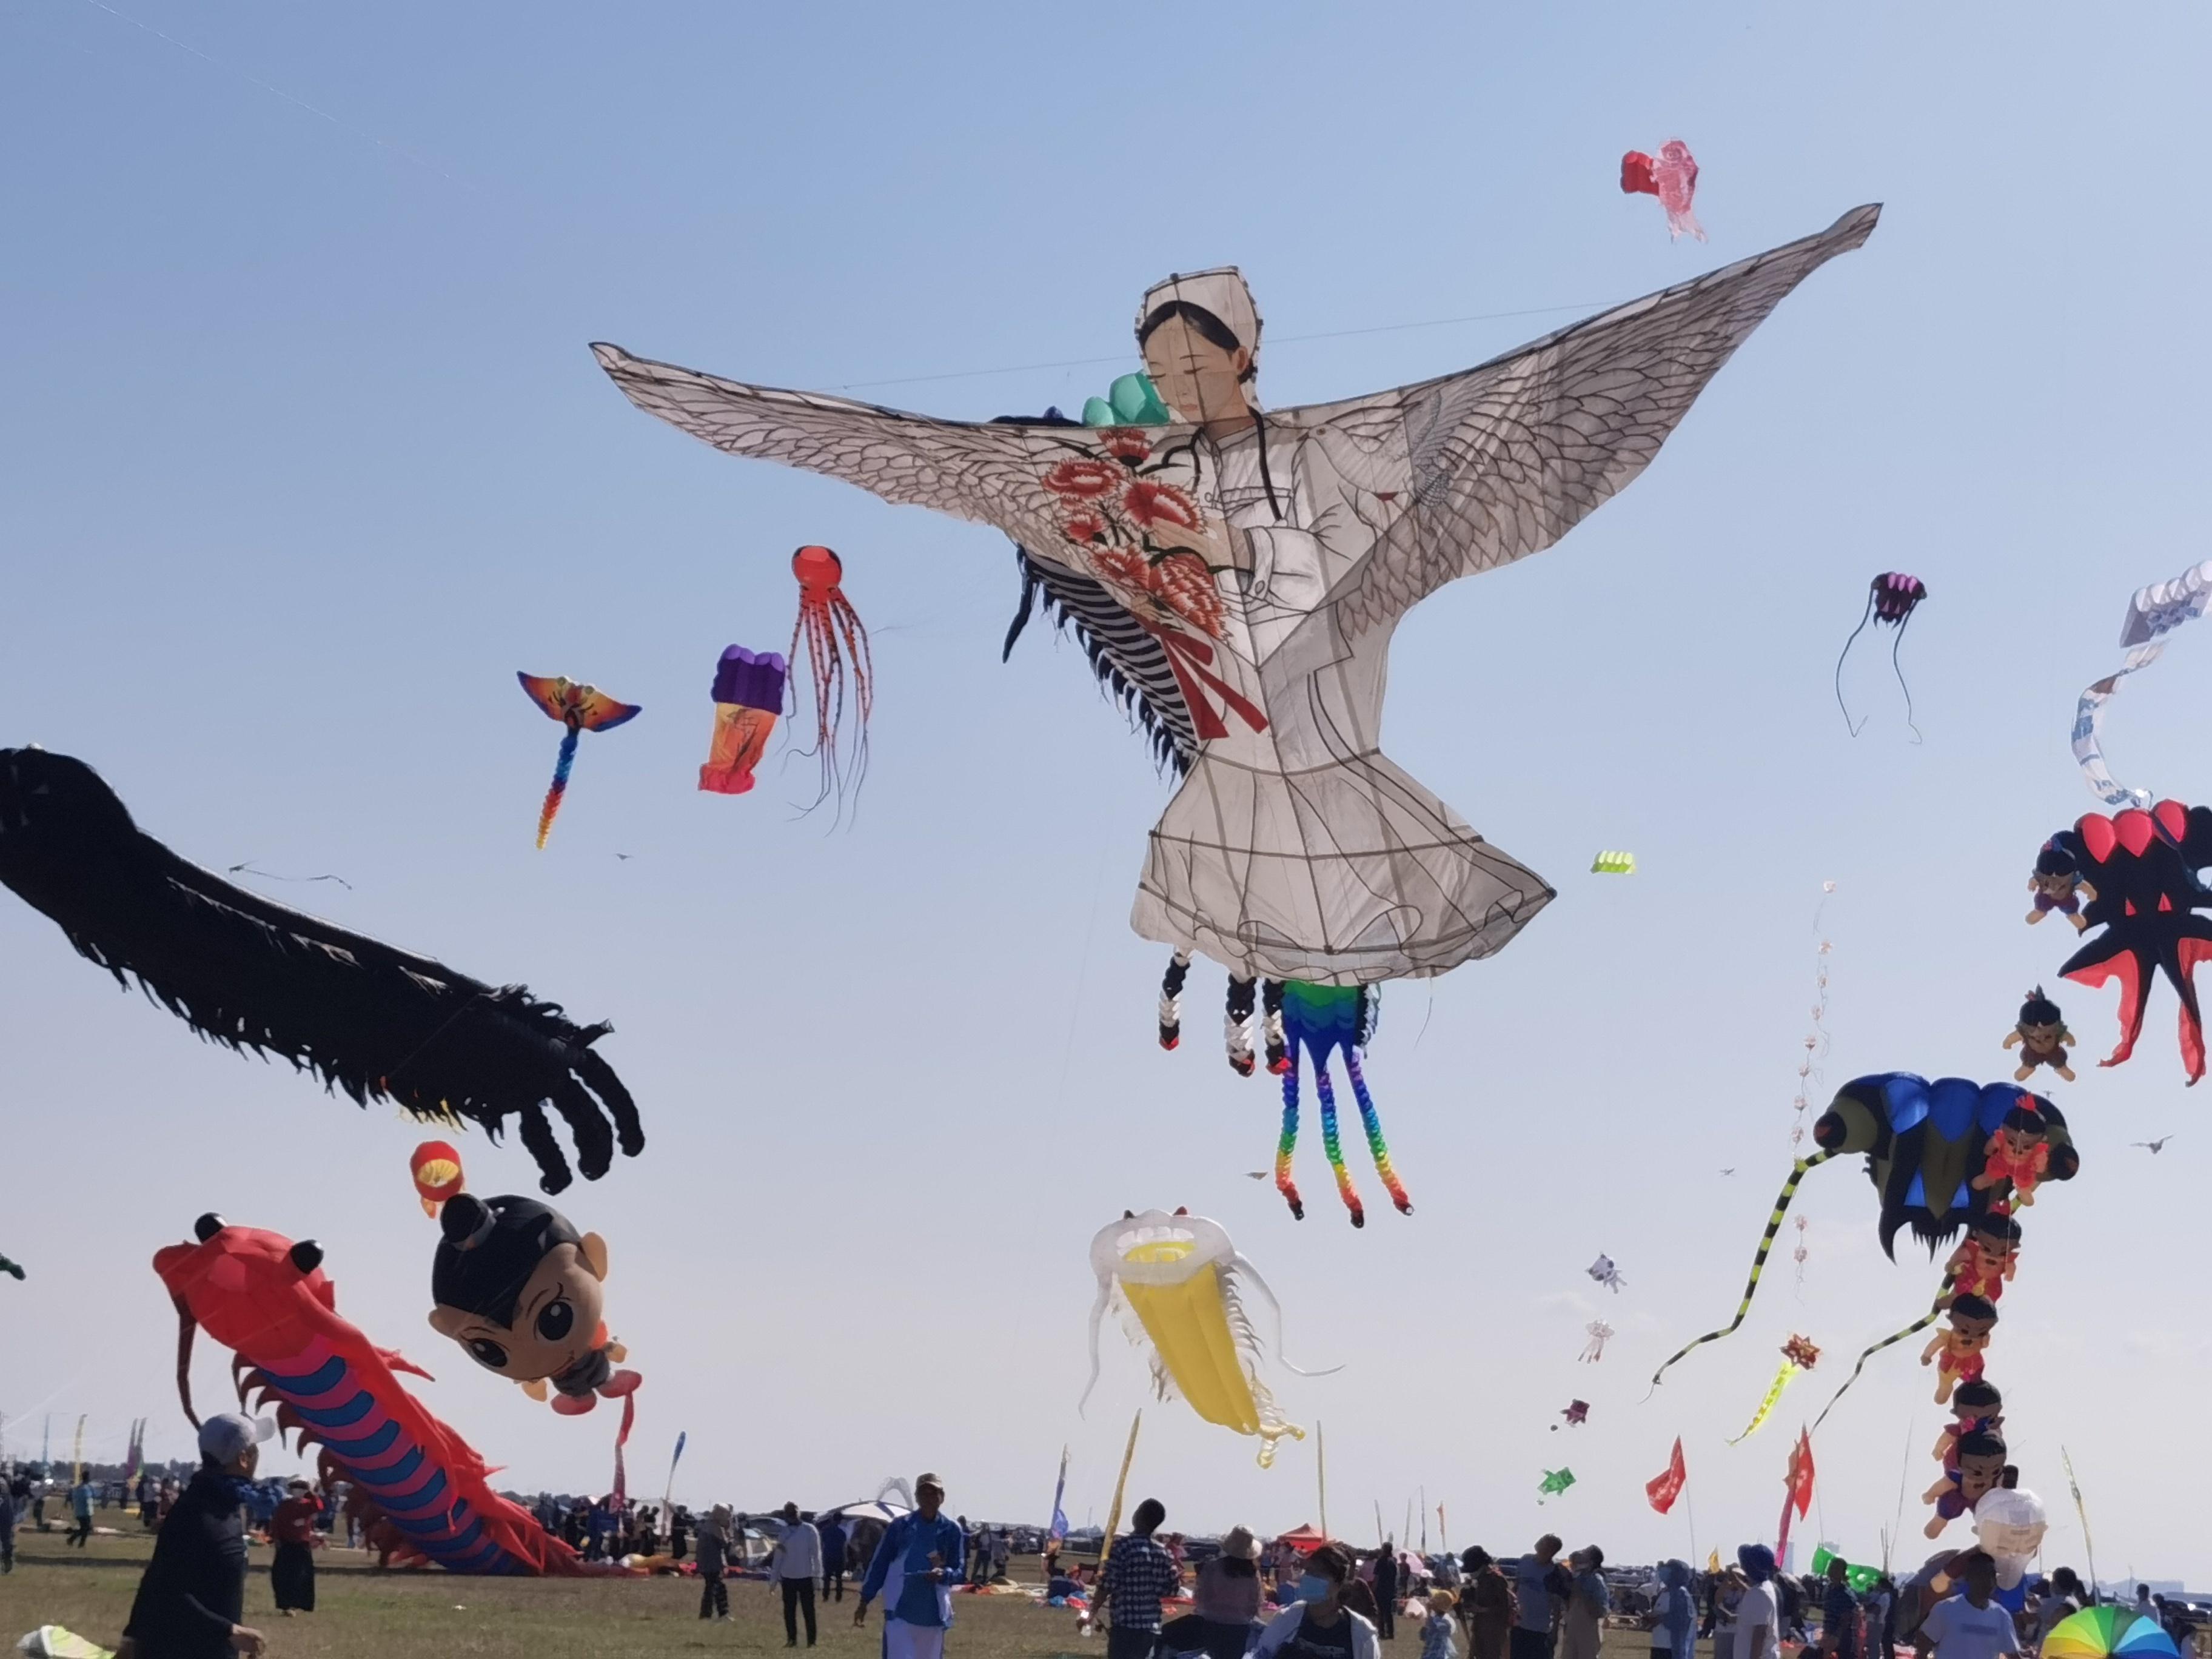 濰坊國際風箏會放飛「白衣天使」